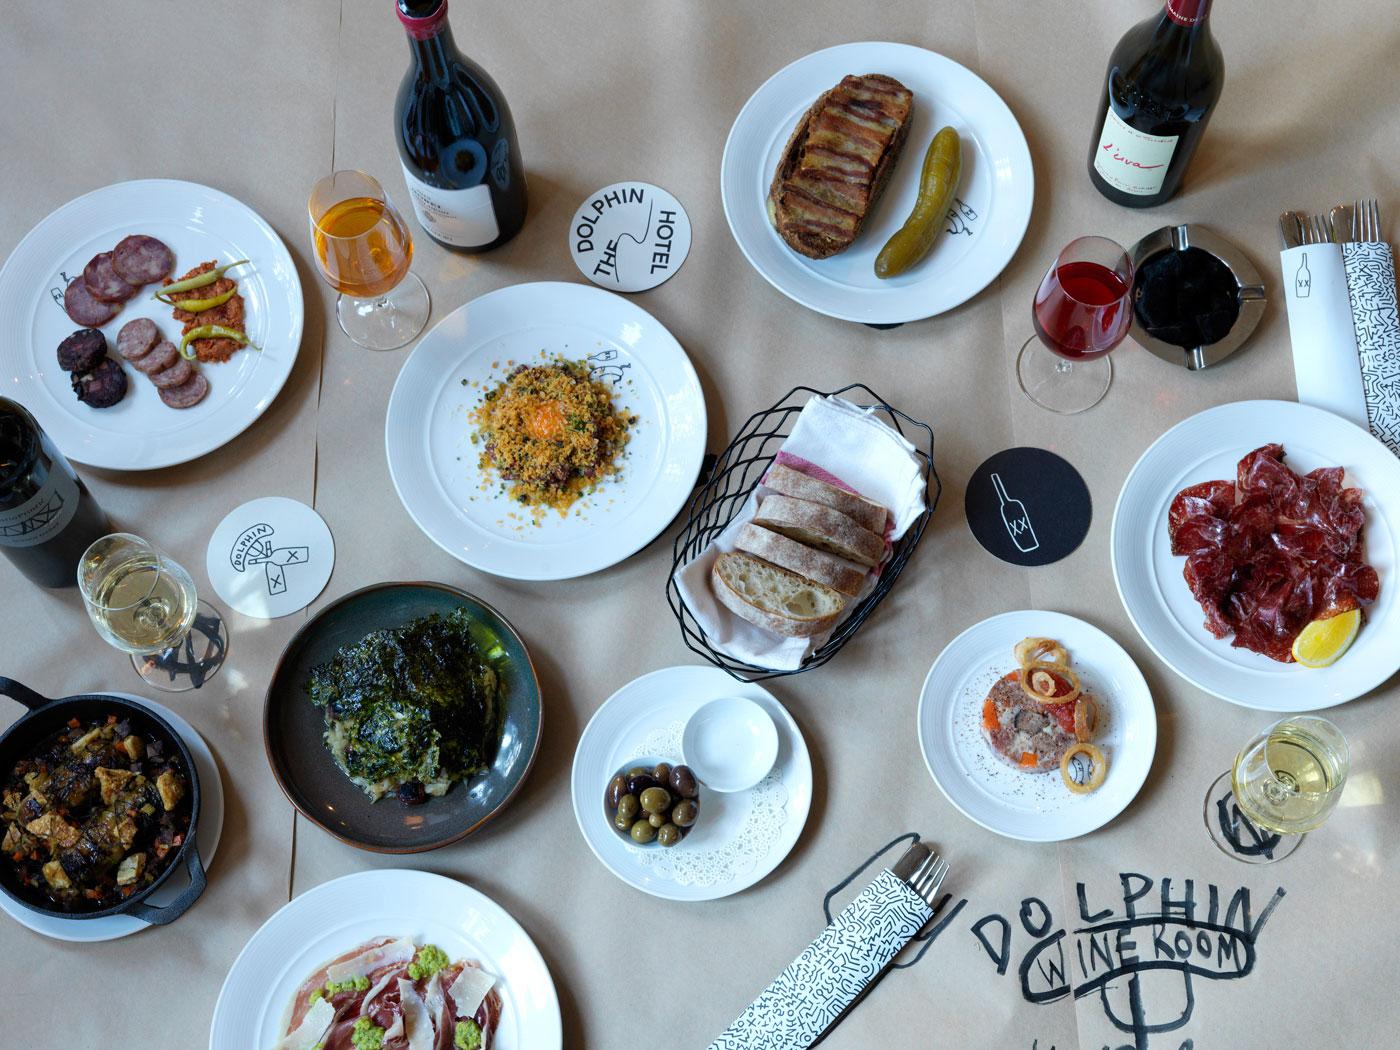 img-wine-room-food-comp